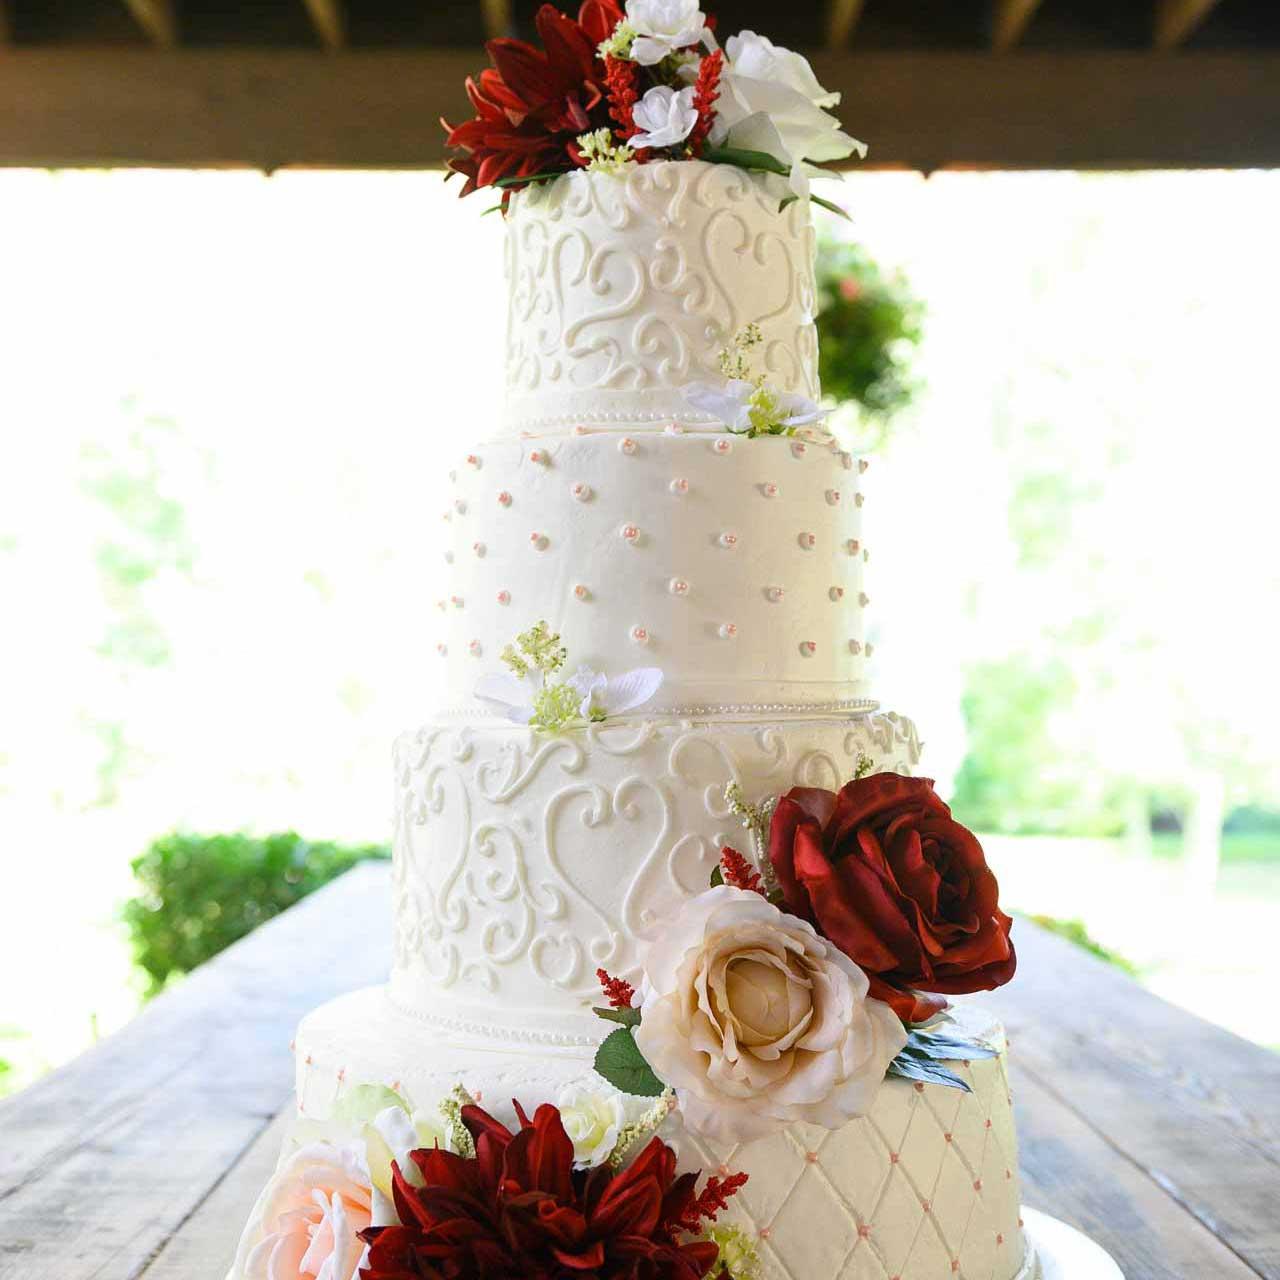 gateau-de-mariage-tendance-2021-details-avec-de-la-creme-au-beurre